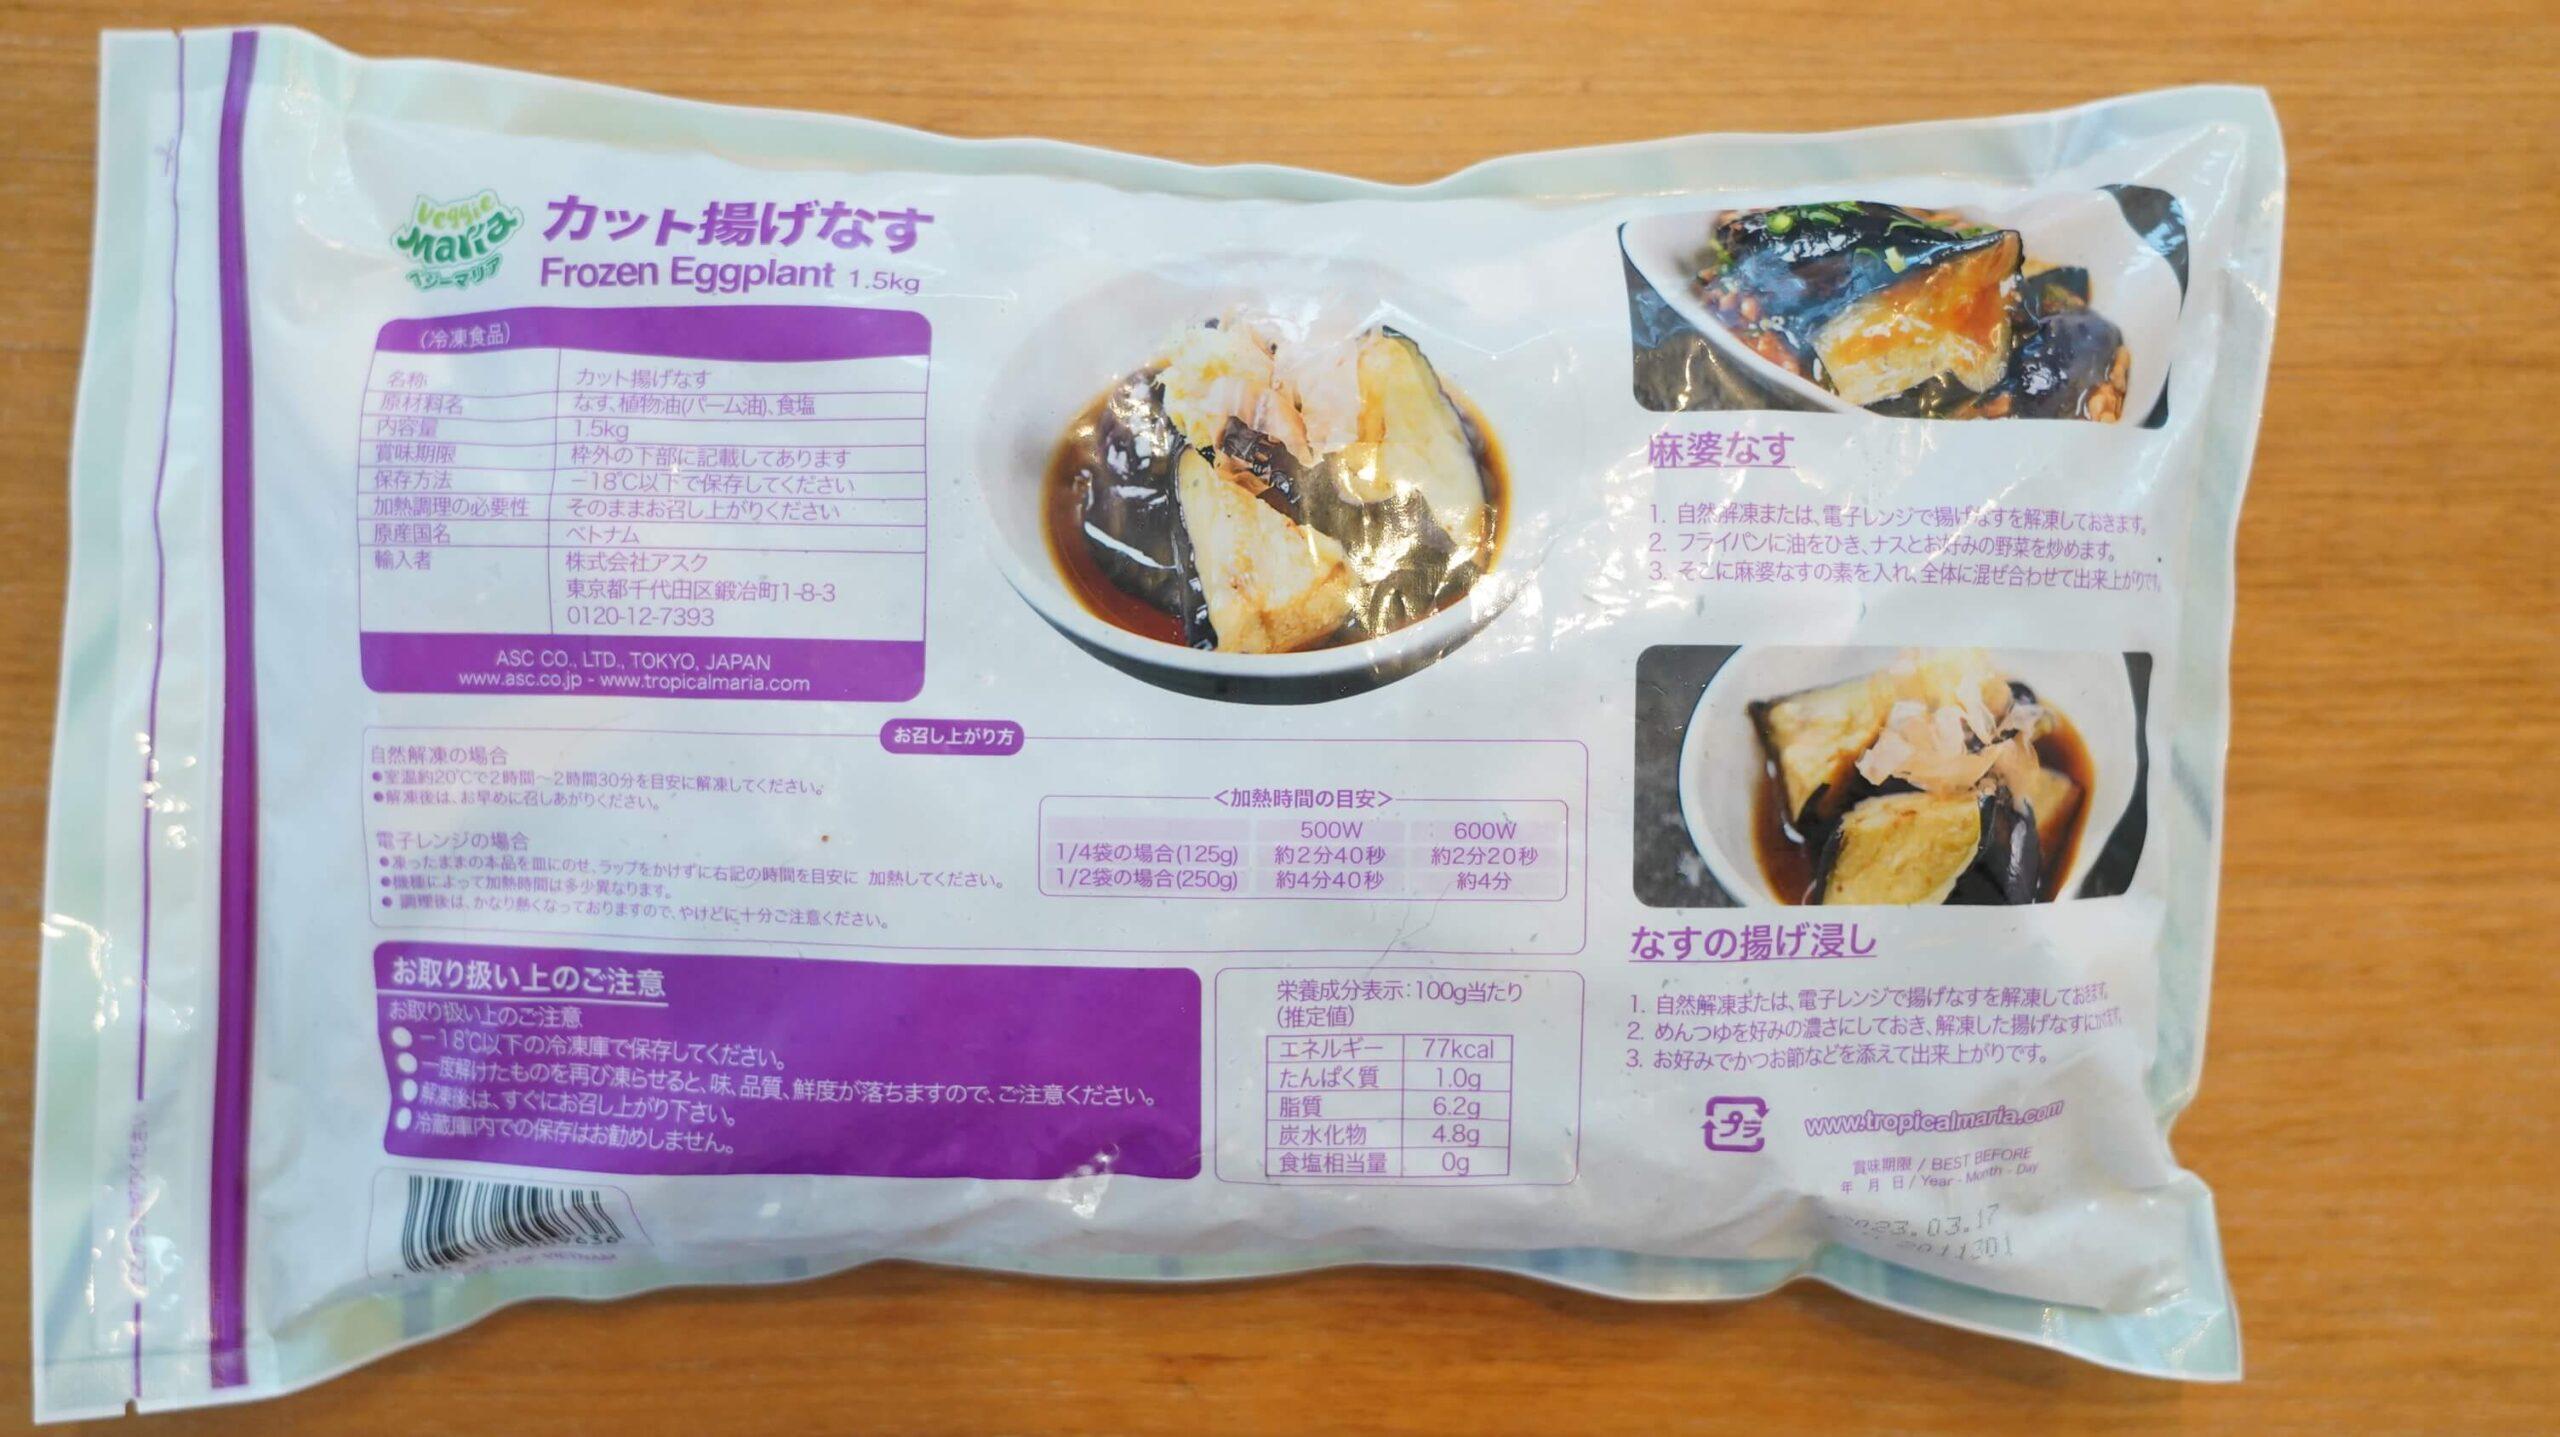 コストコの冷凍食品「カット揚げなす」のパッケージ裏面の写真